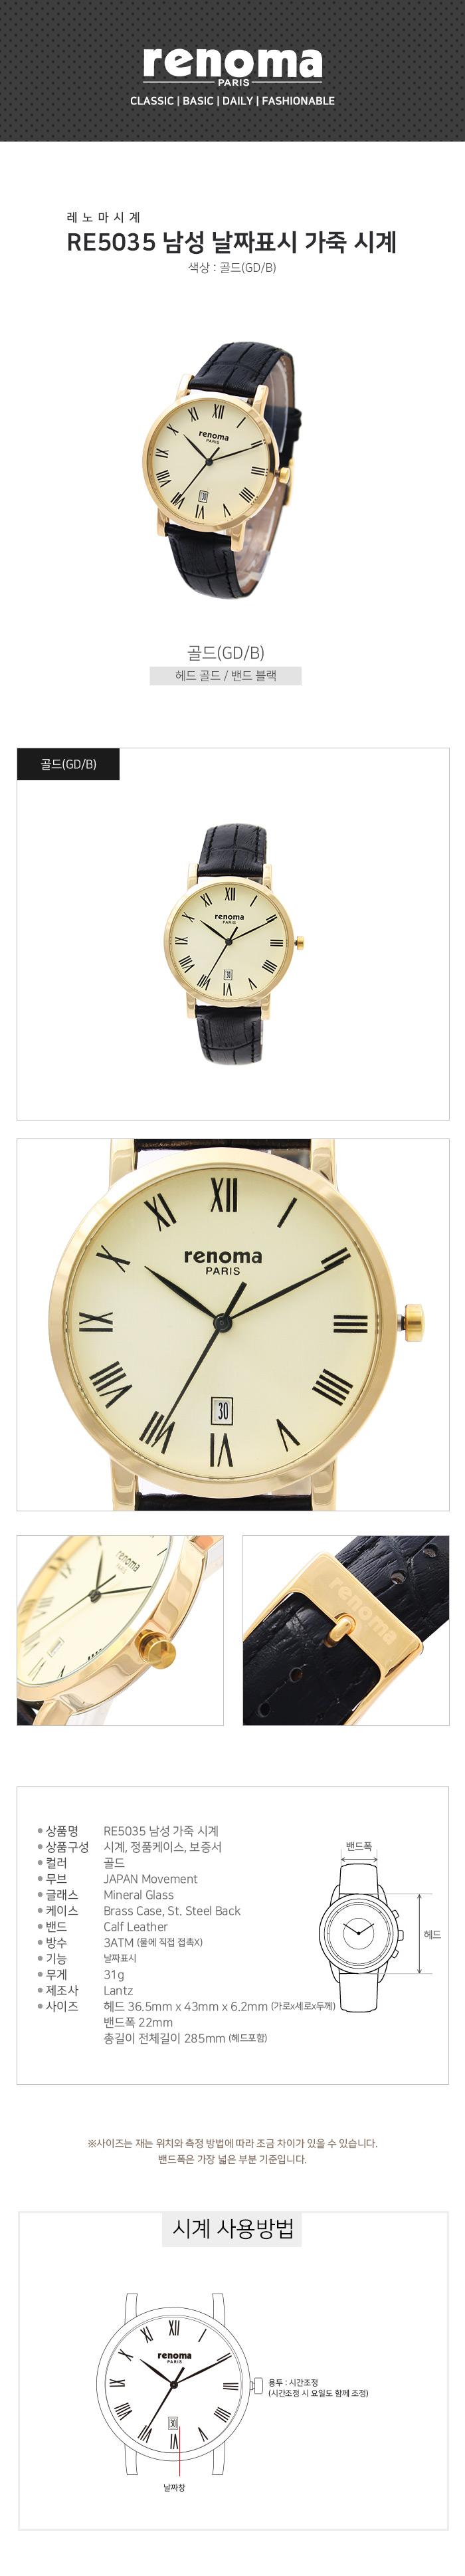 [레노마] RE5035GDB 남성날짜표시가죽시계/본사직영/AS가능 - 란쯔, 145,000원, 남성시계, 가죽시계